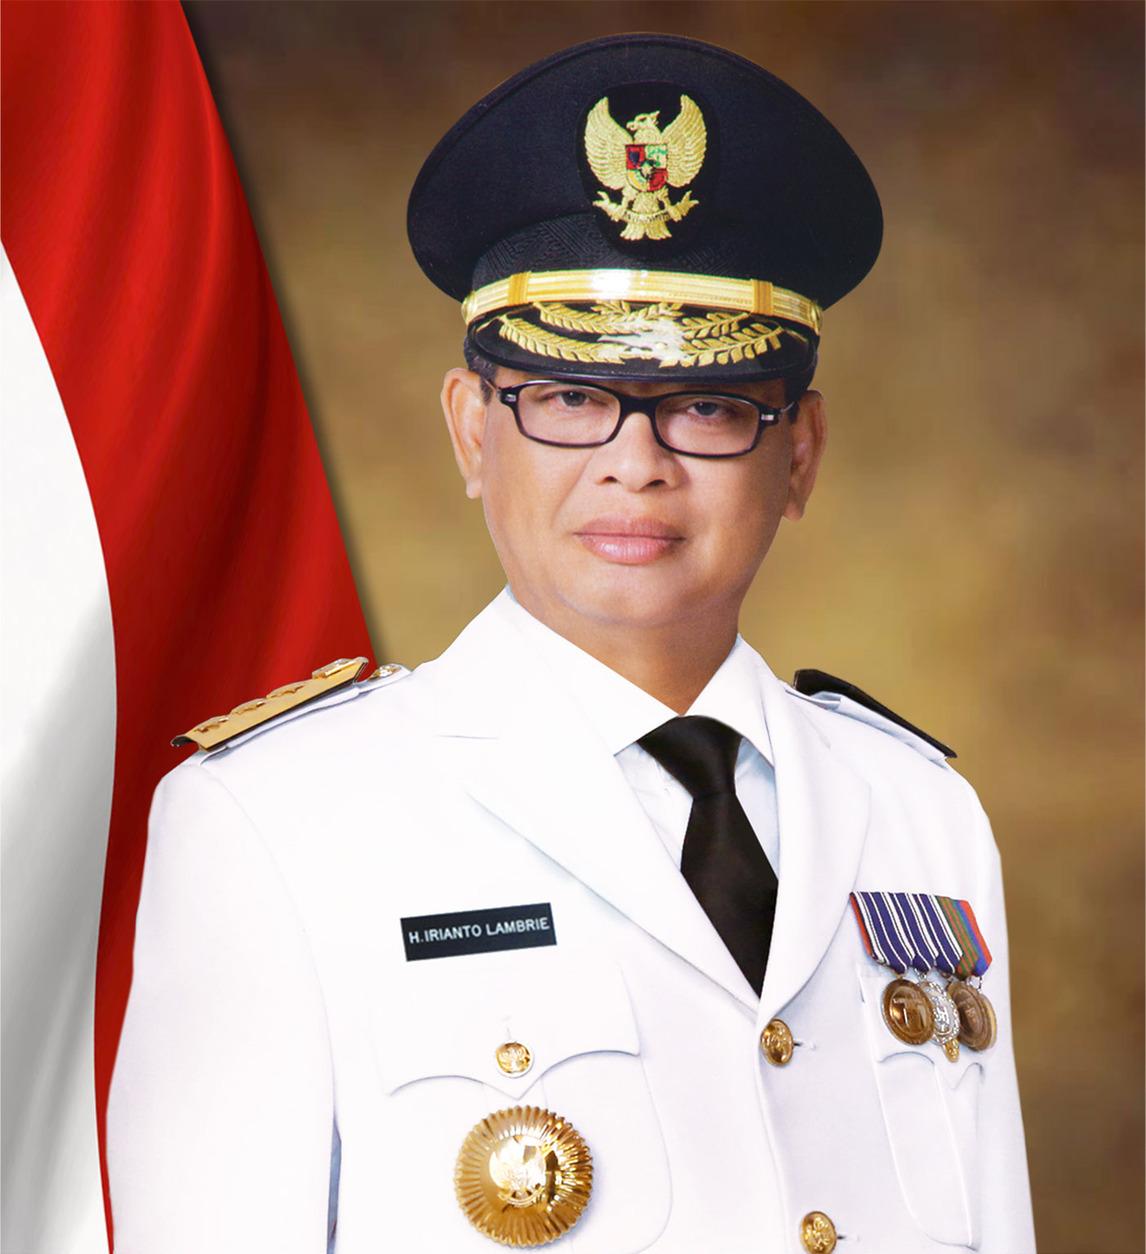 Daftar Gubernur Kalimantan Utara - Wikipedia bahasa